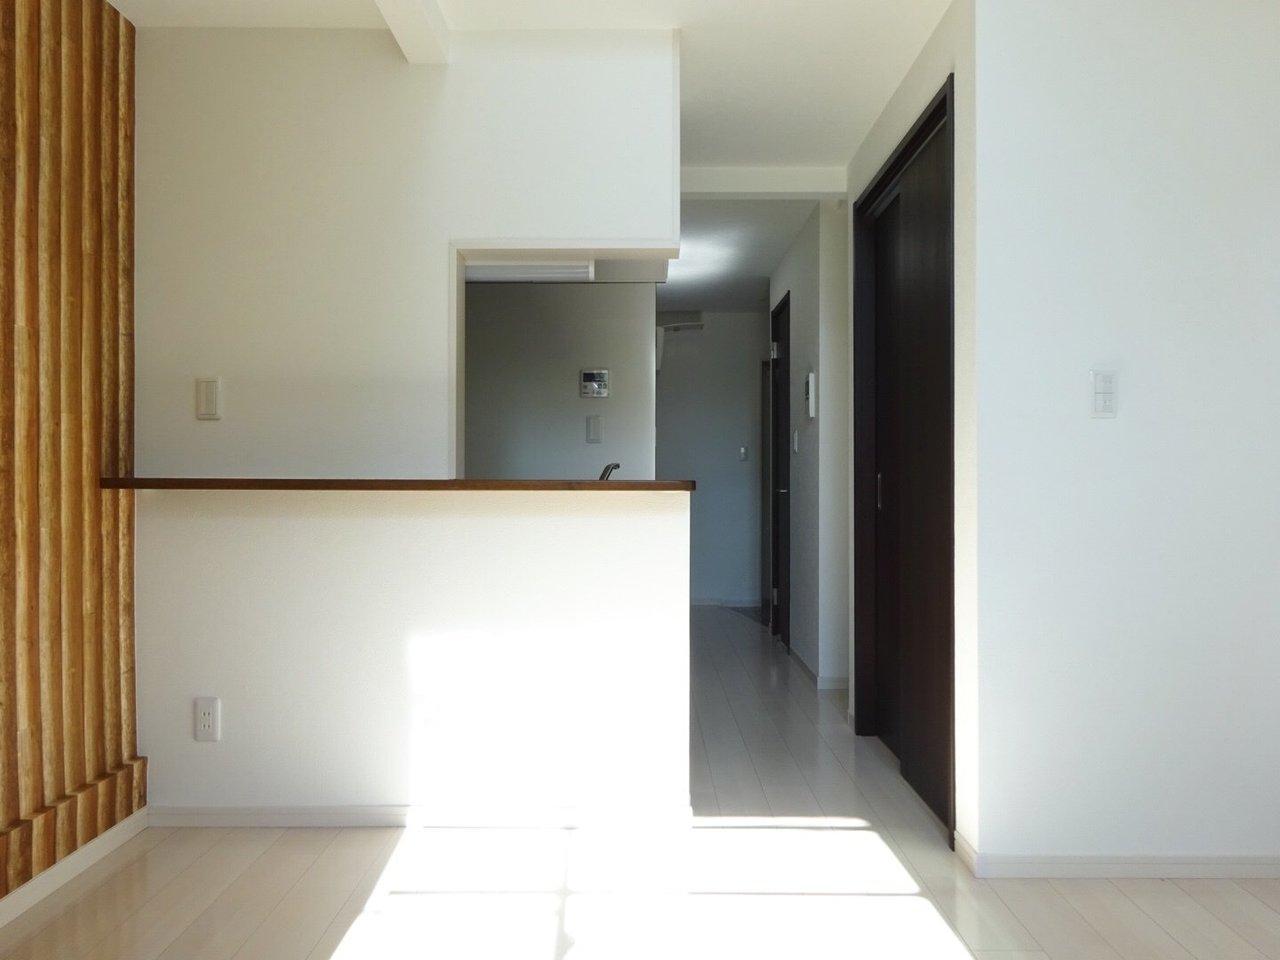 1階リビングはカウンターキッチンが。料理の香りが部屋いっぱいに立ち込める。そんな生活いいですね。